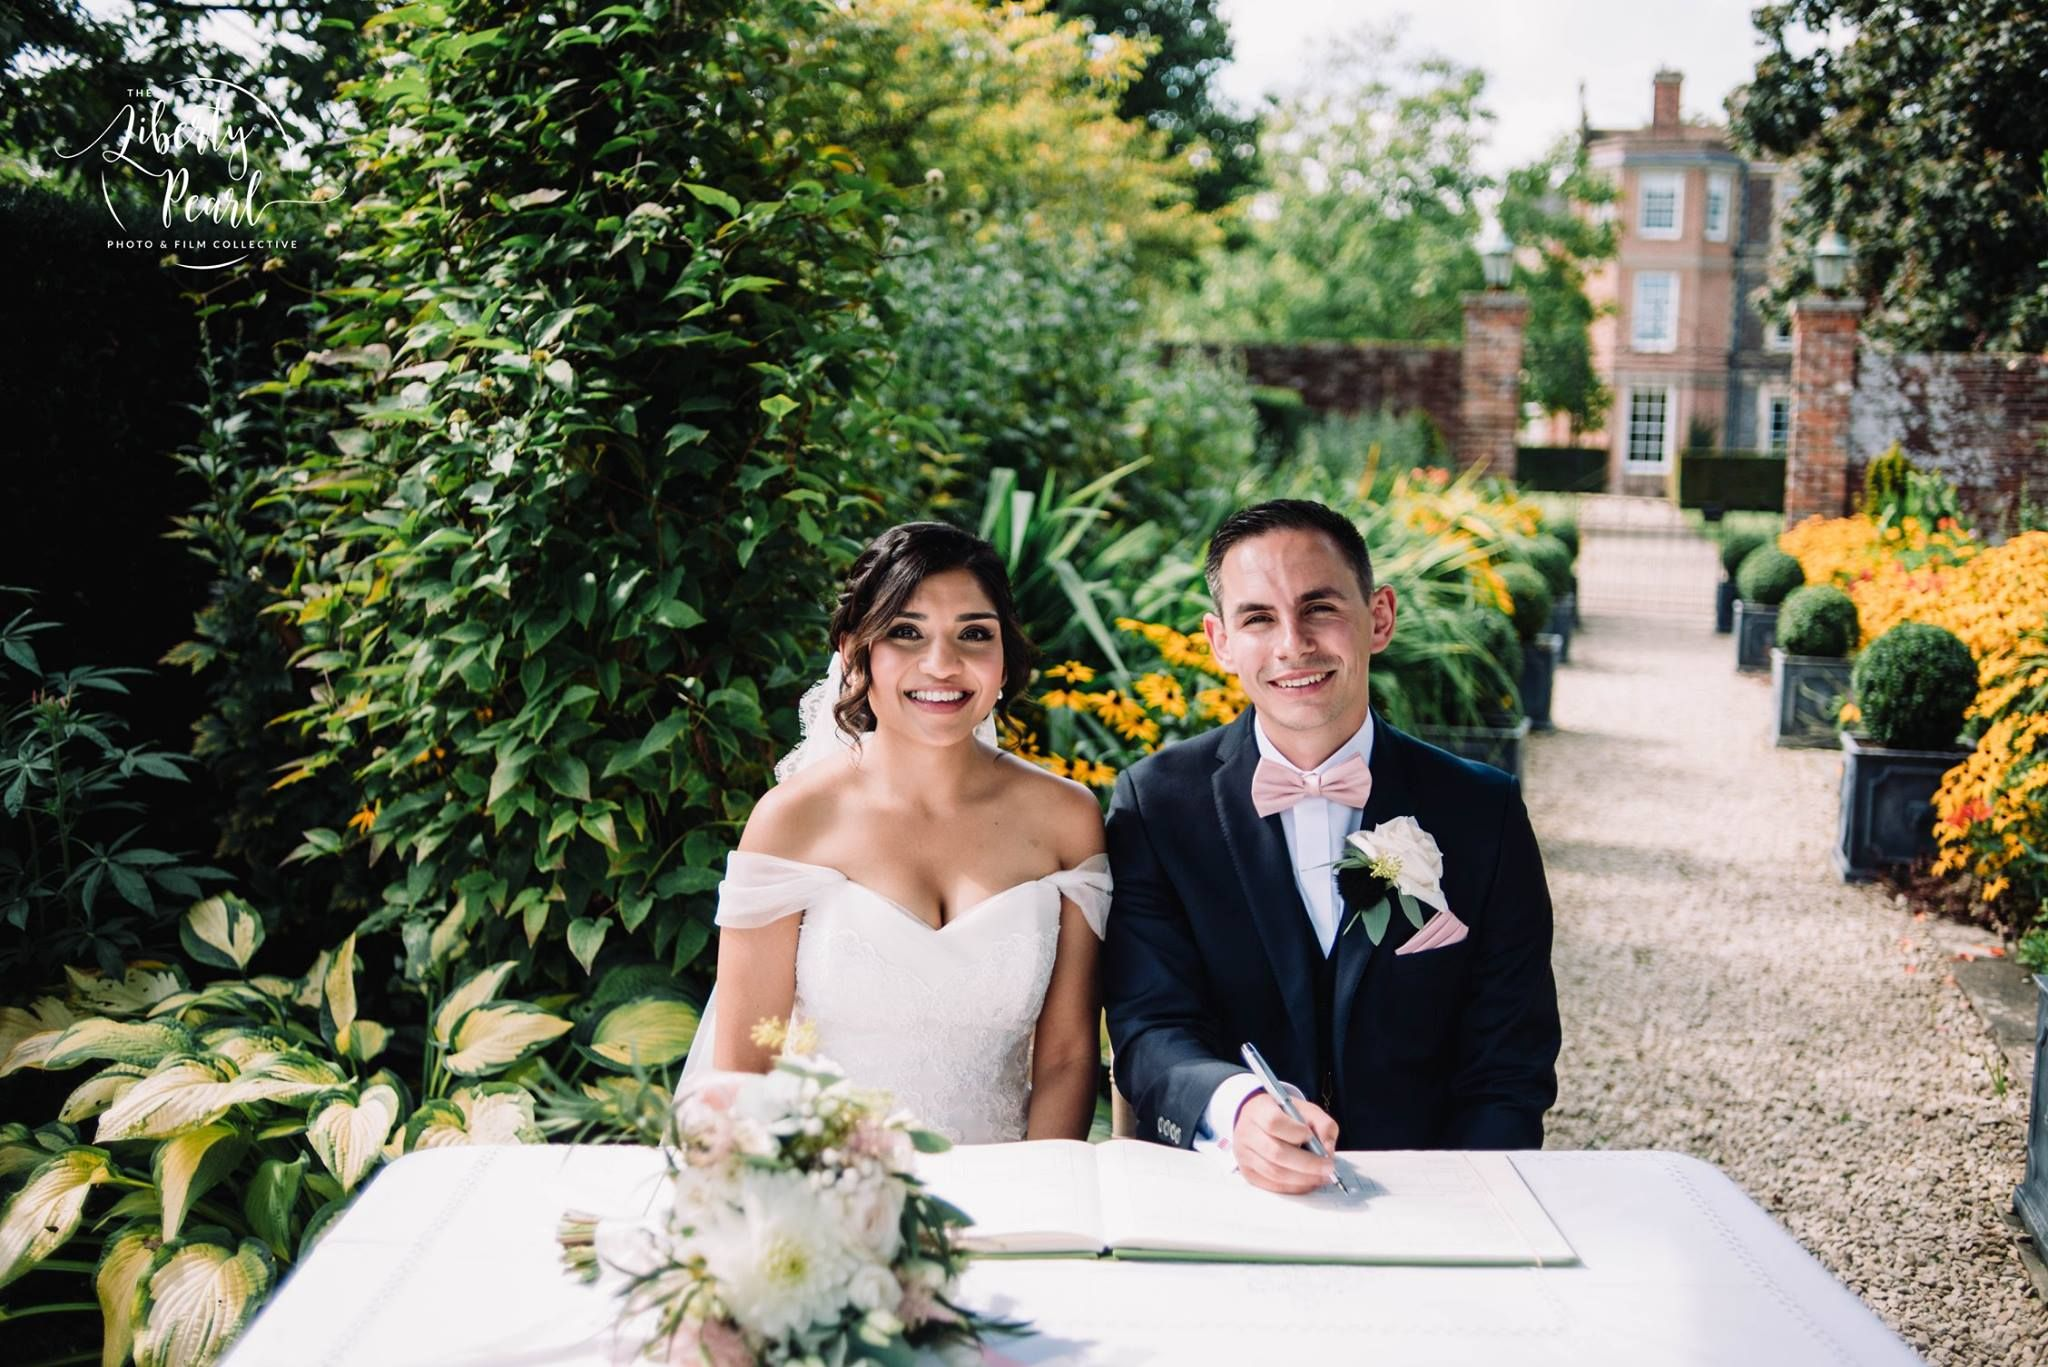 English asian wedding luxury elegant bride country house london uk